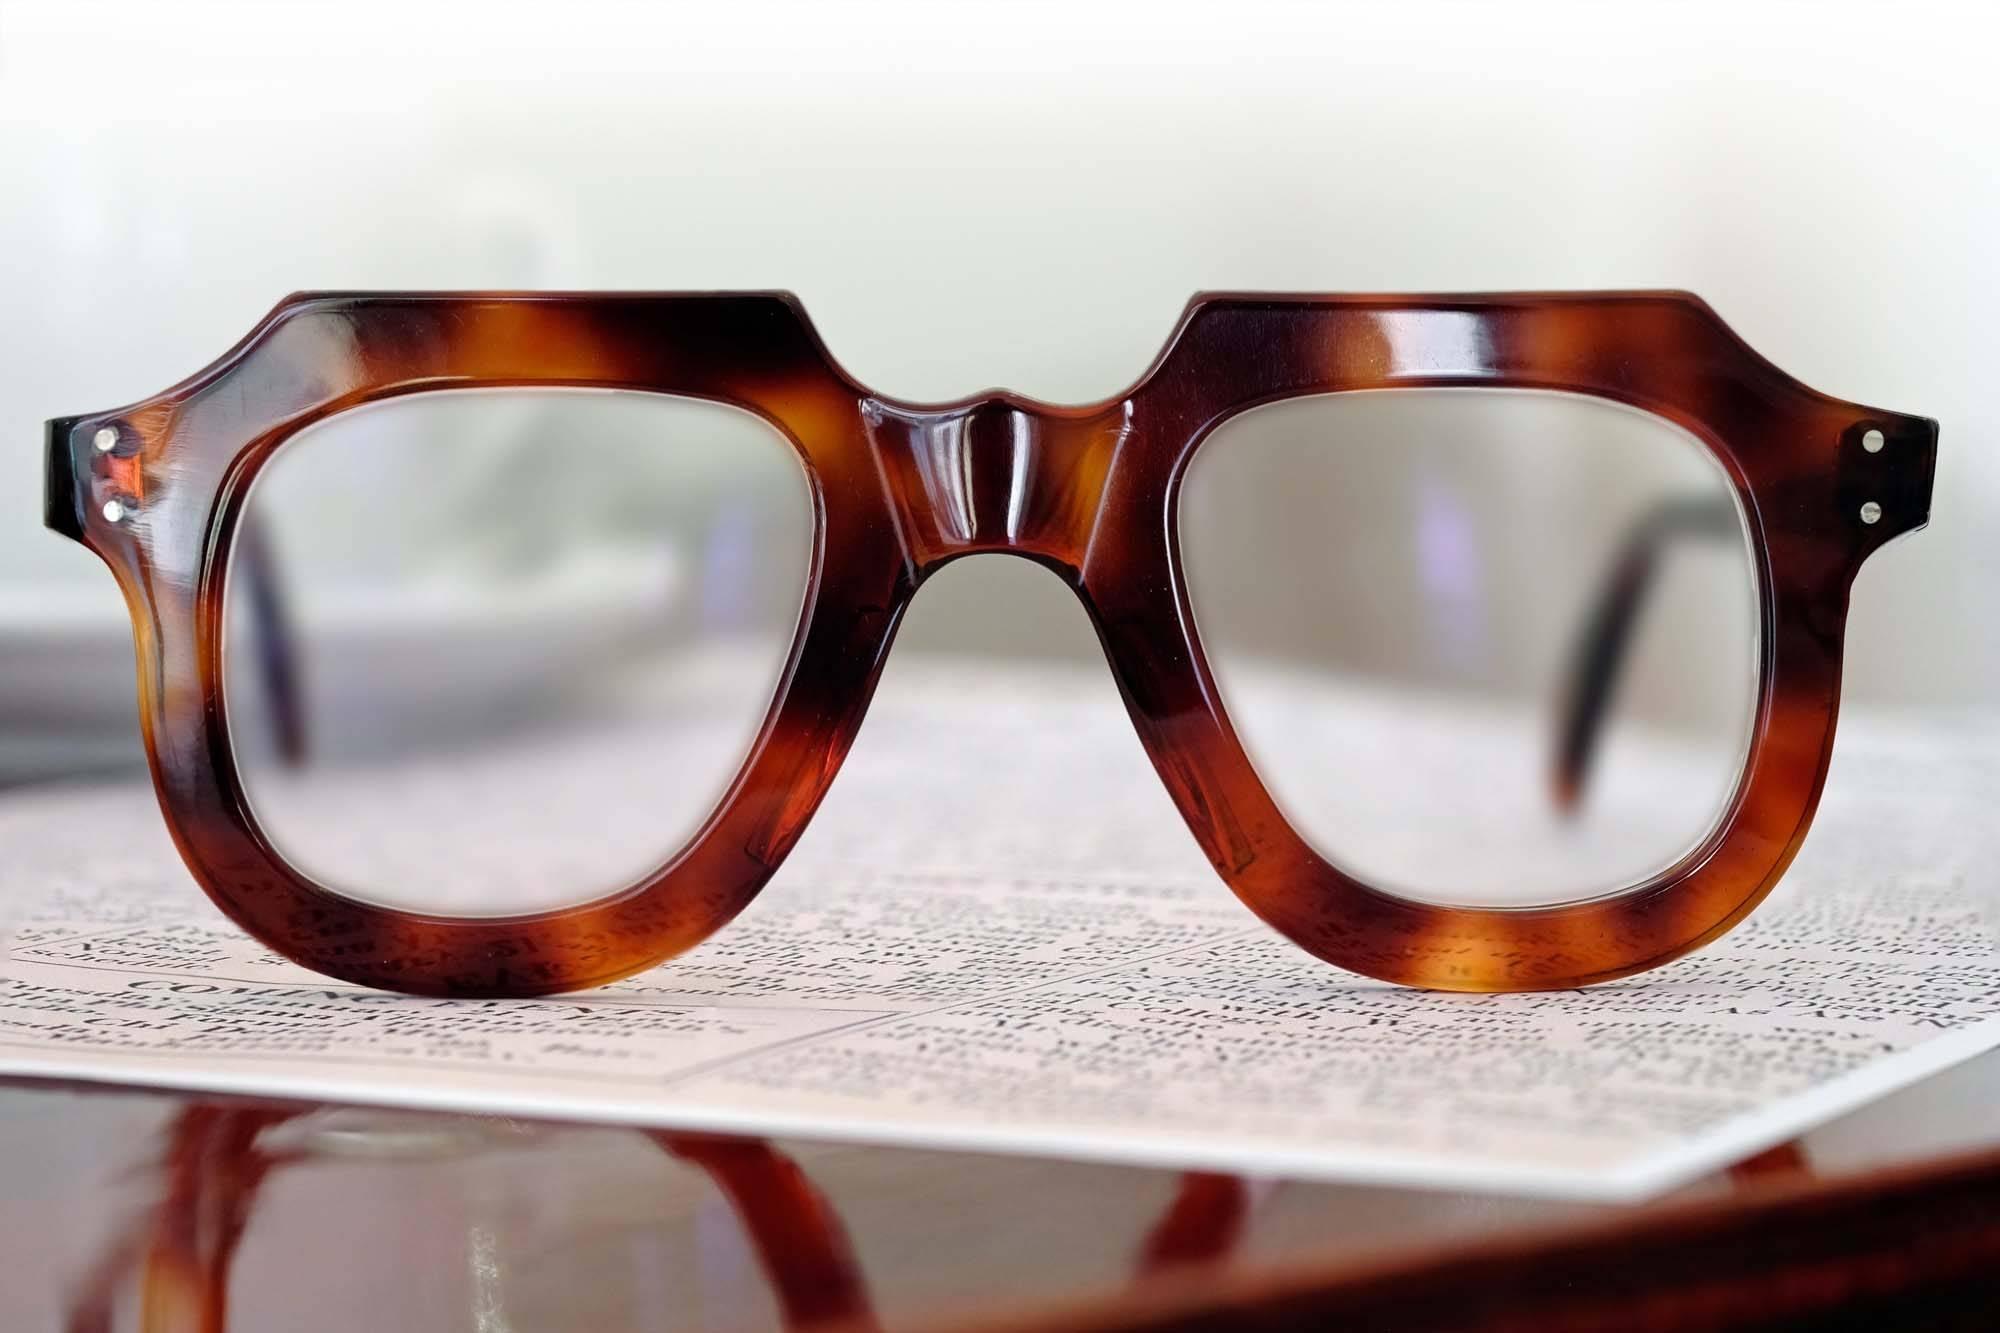 Verglasung einer Vintage-Brille